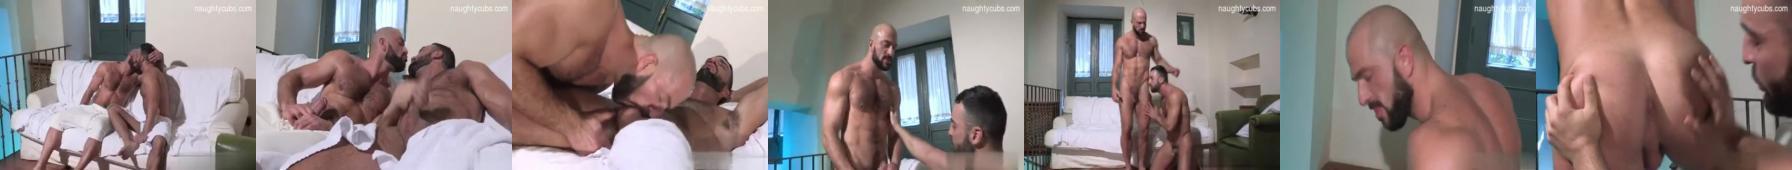 Cum połknąć porno gej